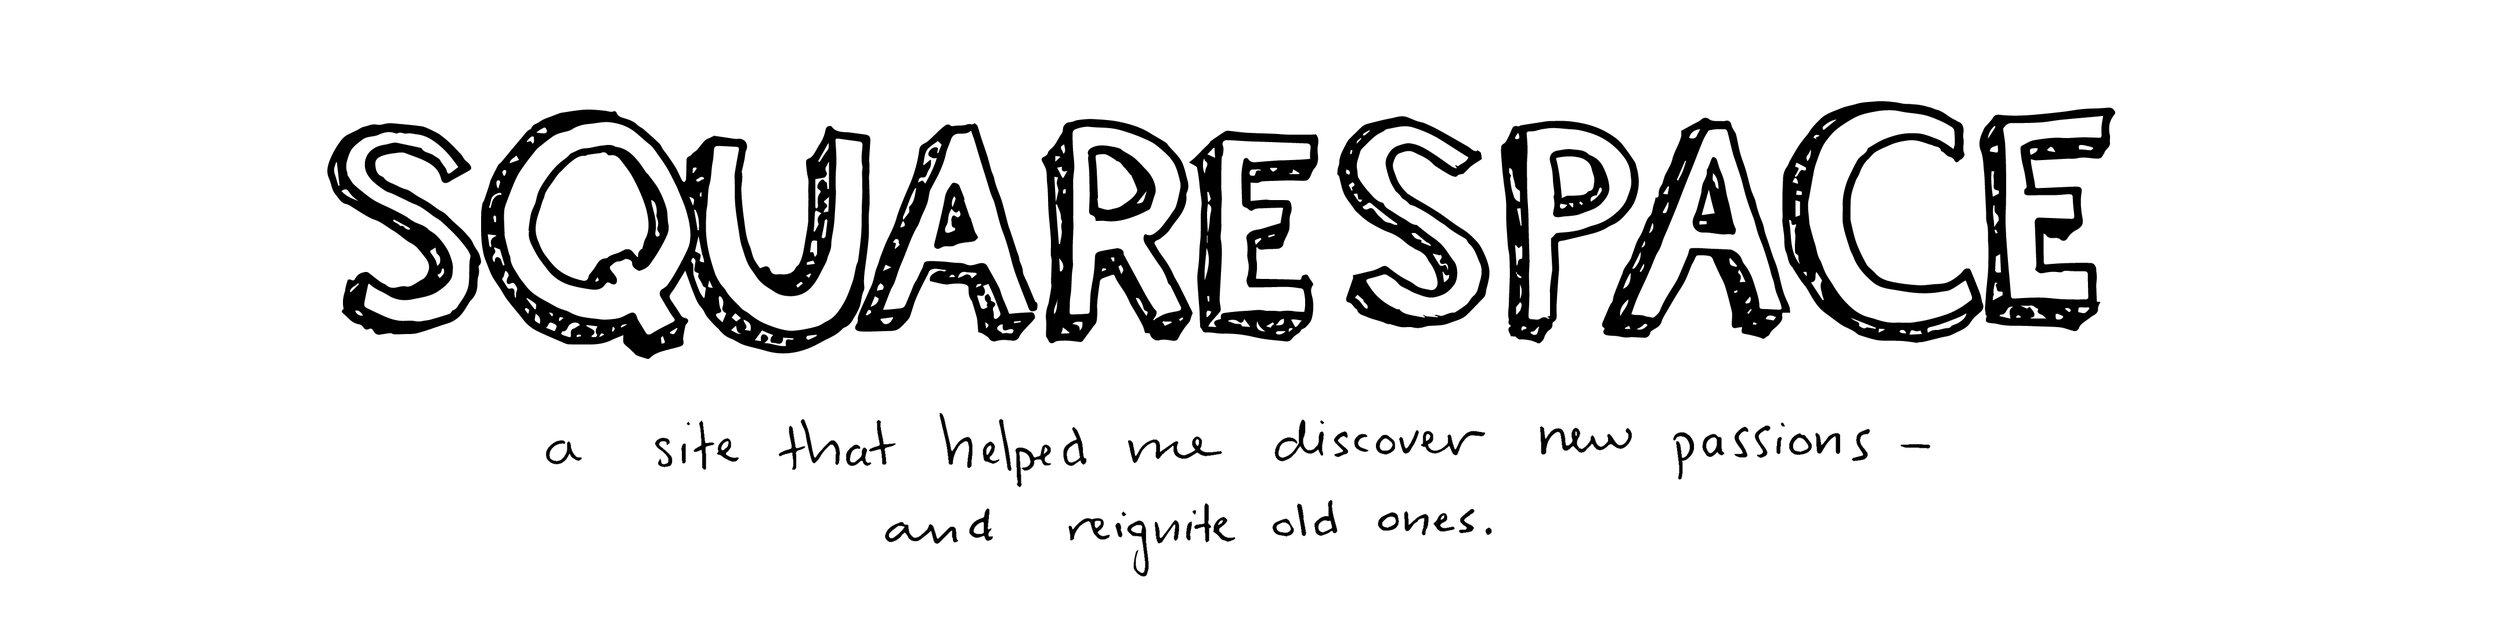 squarepaceandpassion.jpg